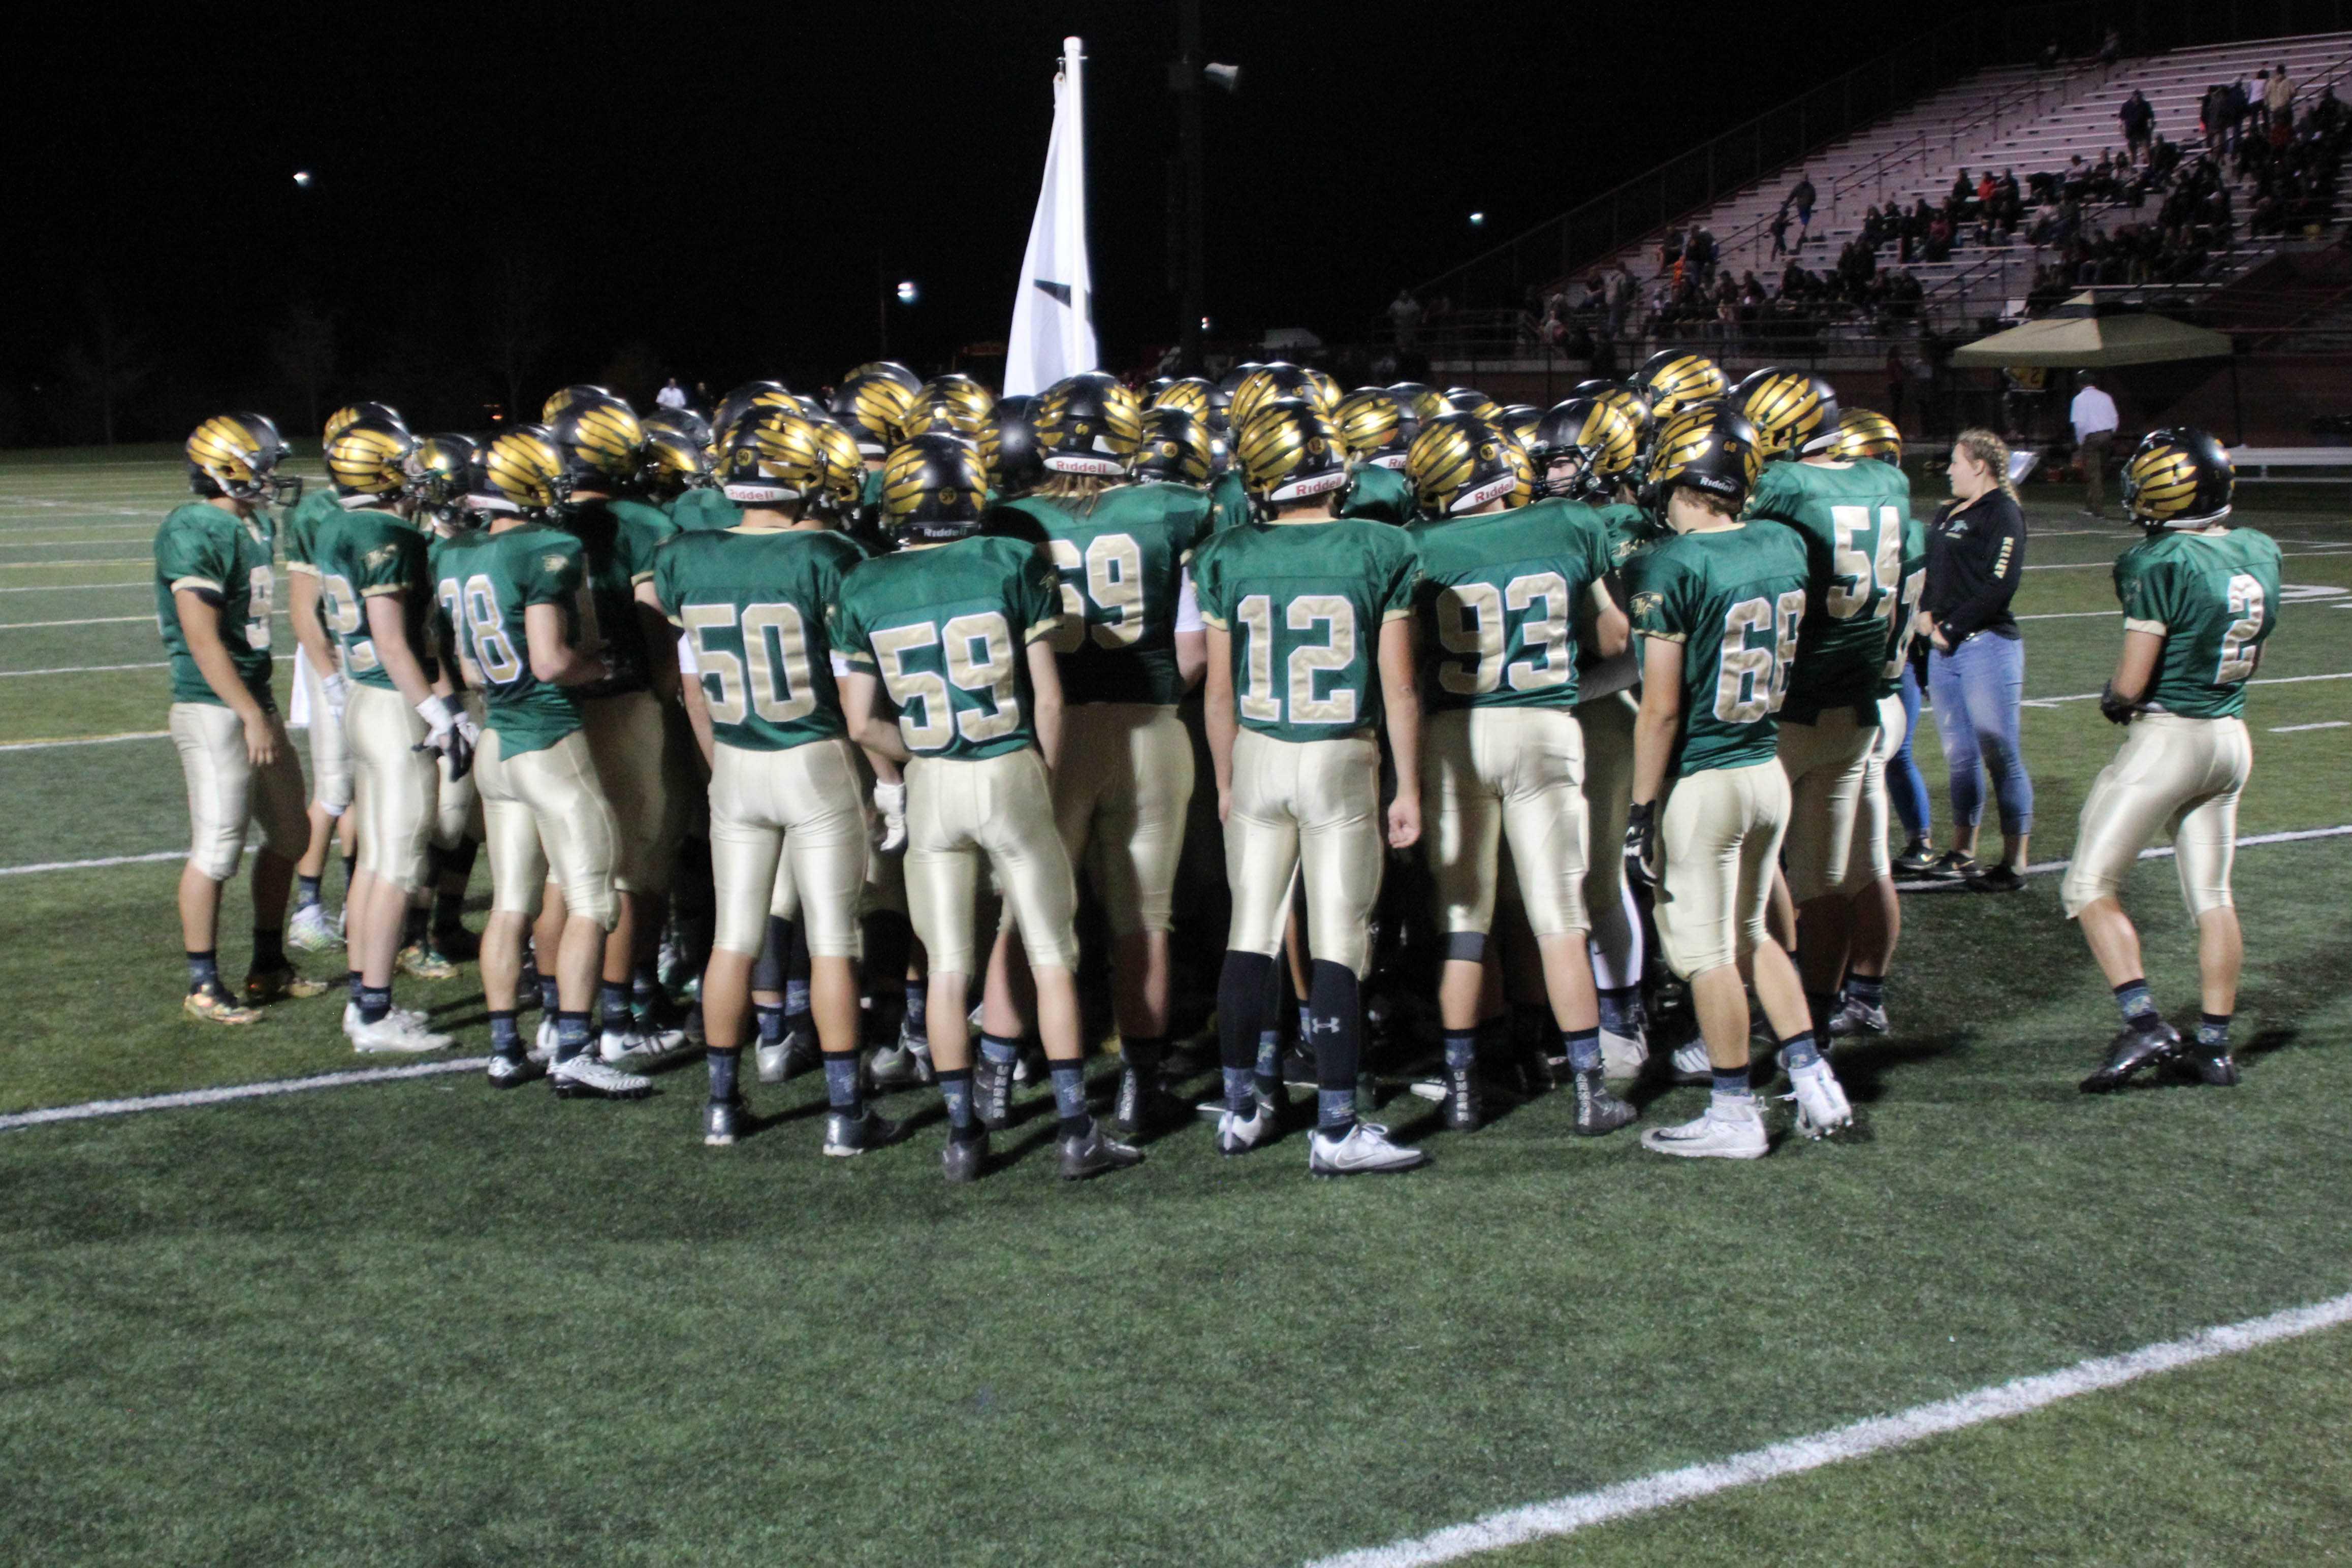 PHOTOS: Varsity Football vs. Pomona